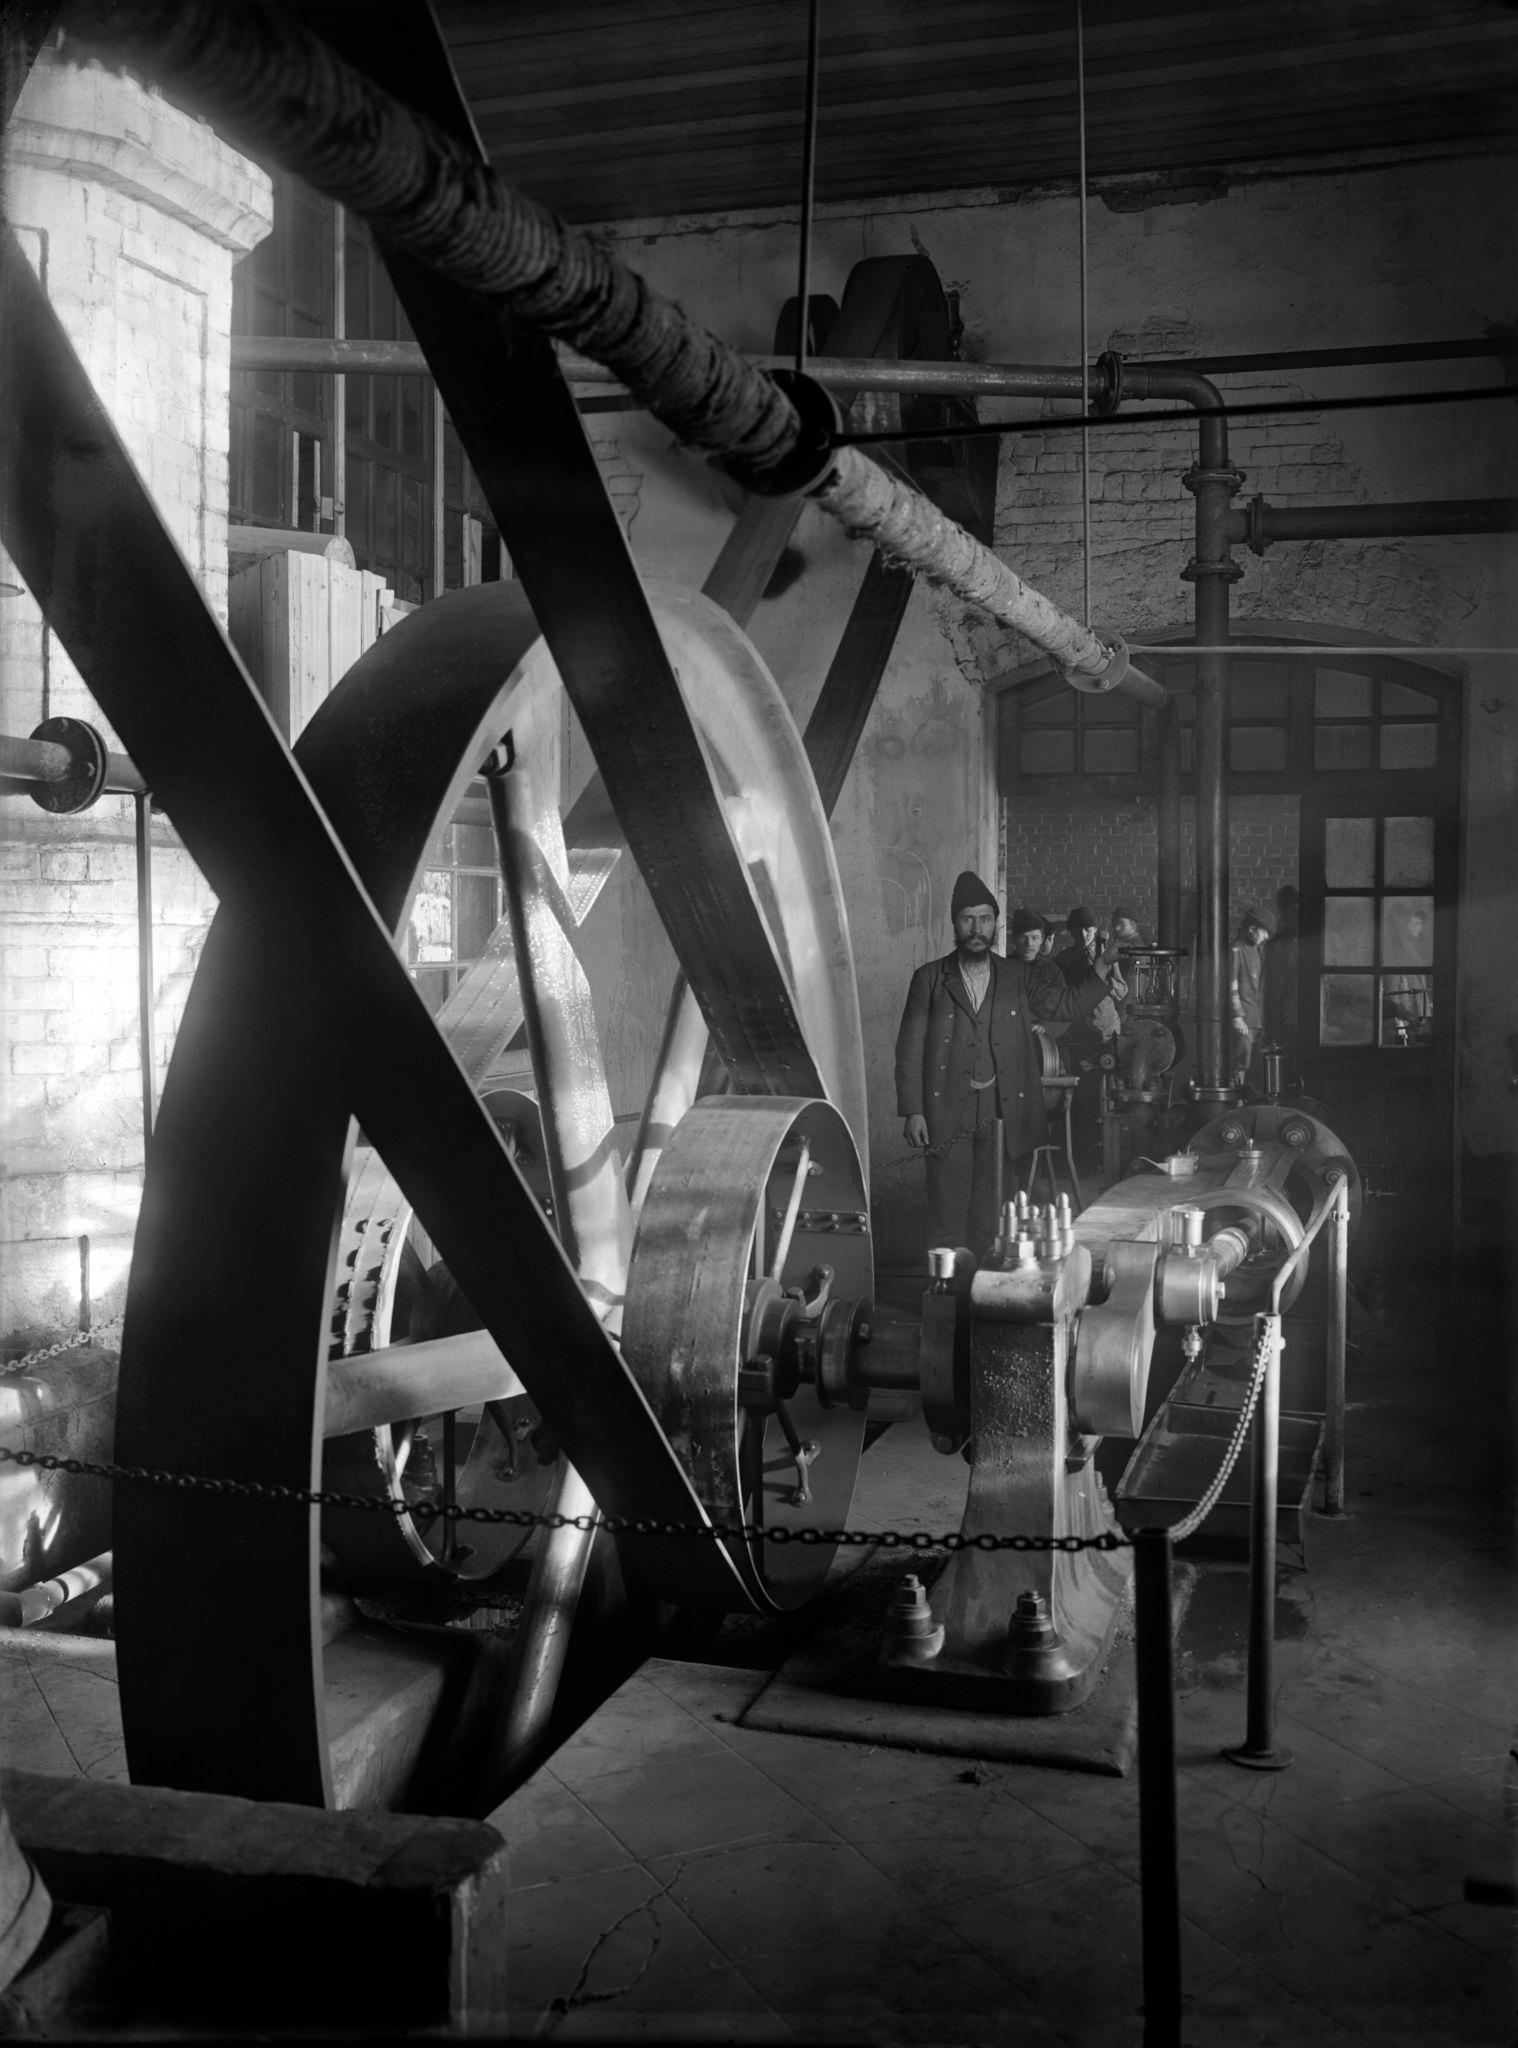 Костеобрабатывающий завод. Машинное отделение. 1890-е